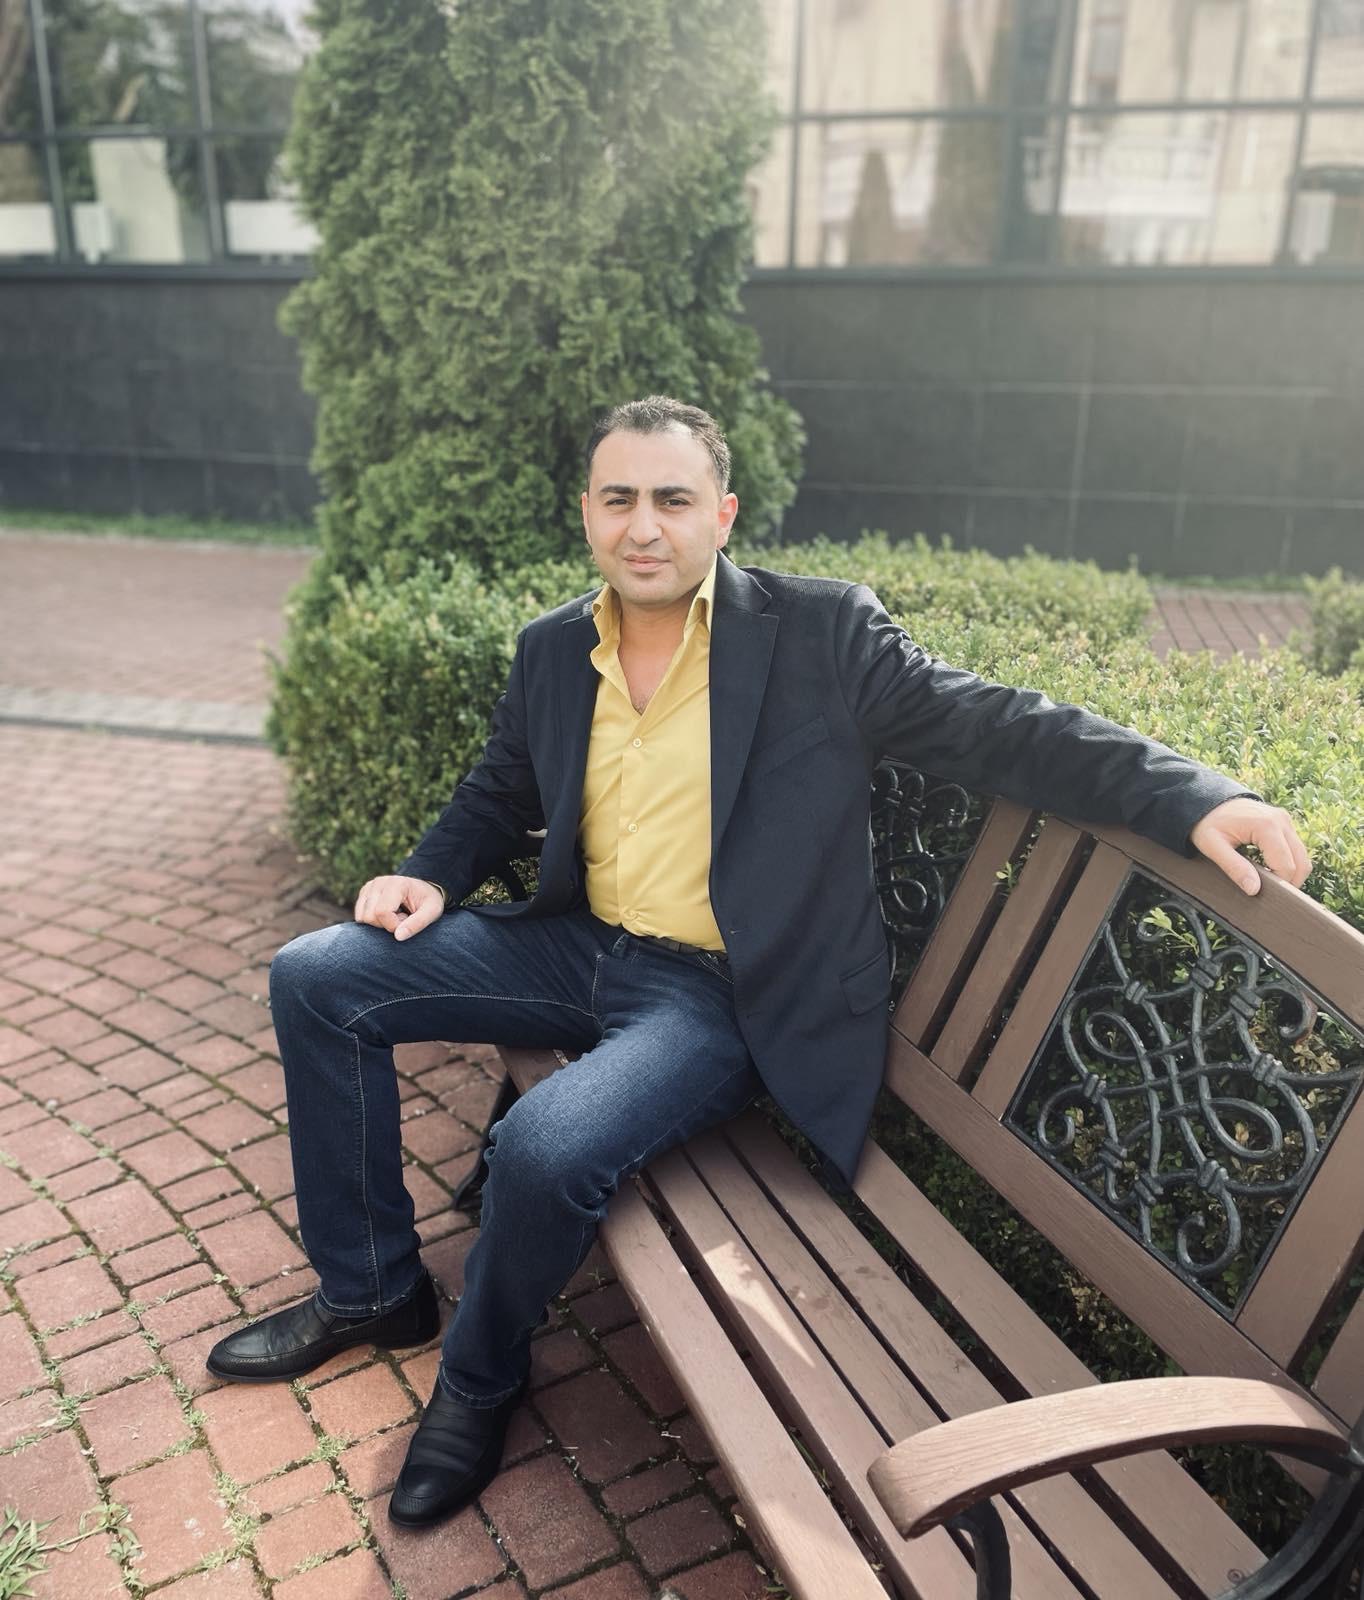 Друзья! С первым днём осени! Пусть будет много радостных мгновений! #хаялалекперов #эксперт #стб Tel.: +38 095 335 13 50Официальный сайт www.hayal.com.uaTelegram-канал: t.me/HayalAlekperov